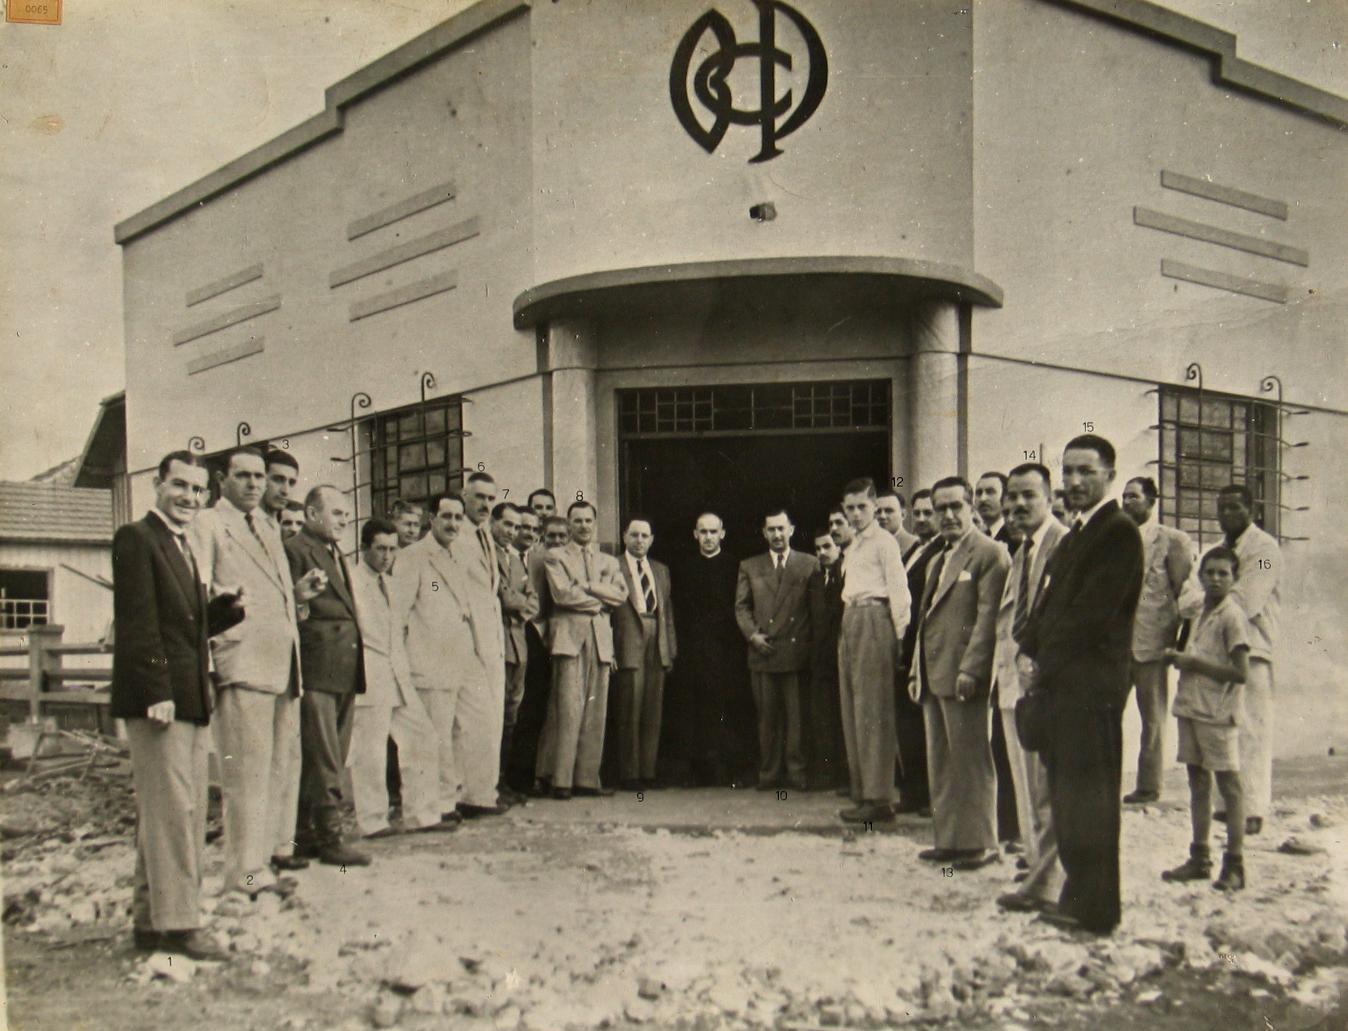 Inauguração do Banco Comercial do Paraná - 1948